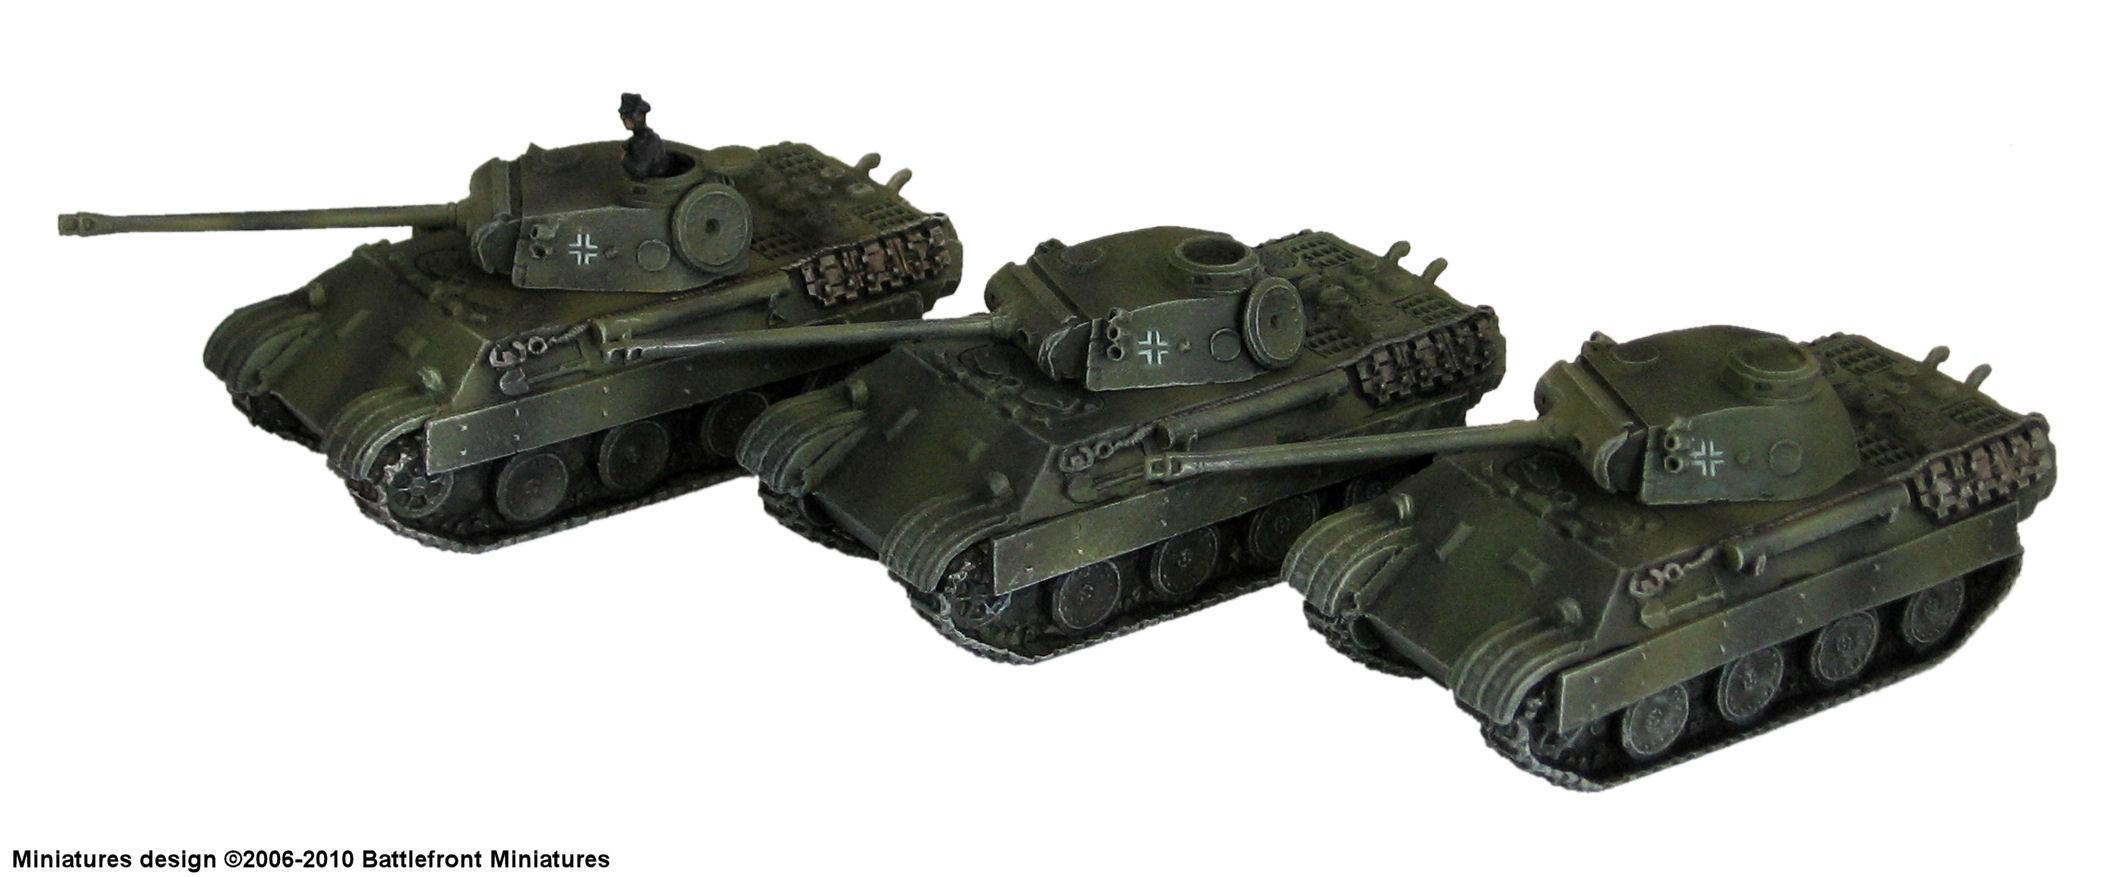 15mm, Battlefront, Estonia, Flames, Germans, Ss, Tank, War, World